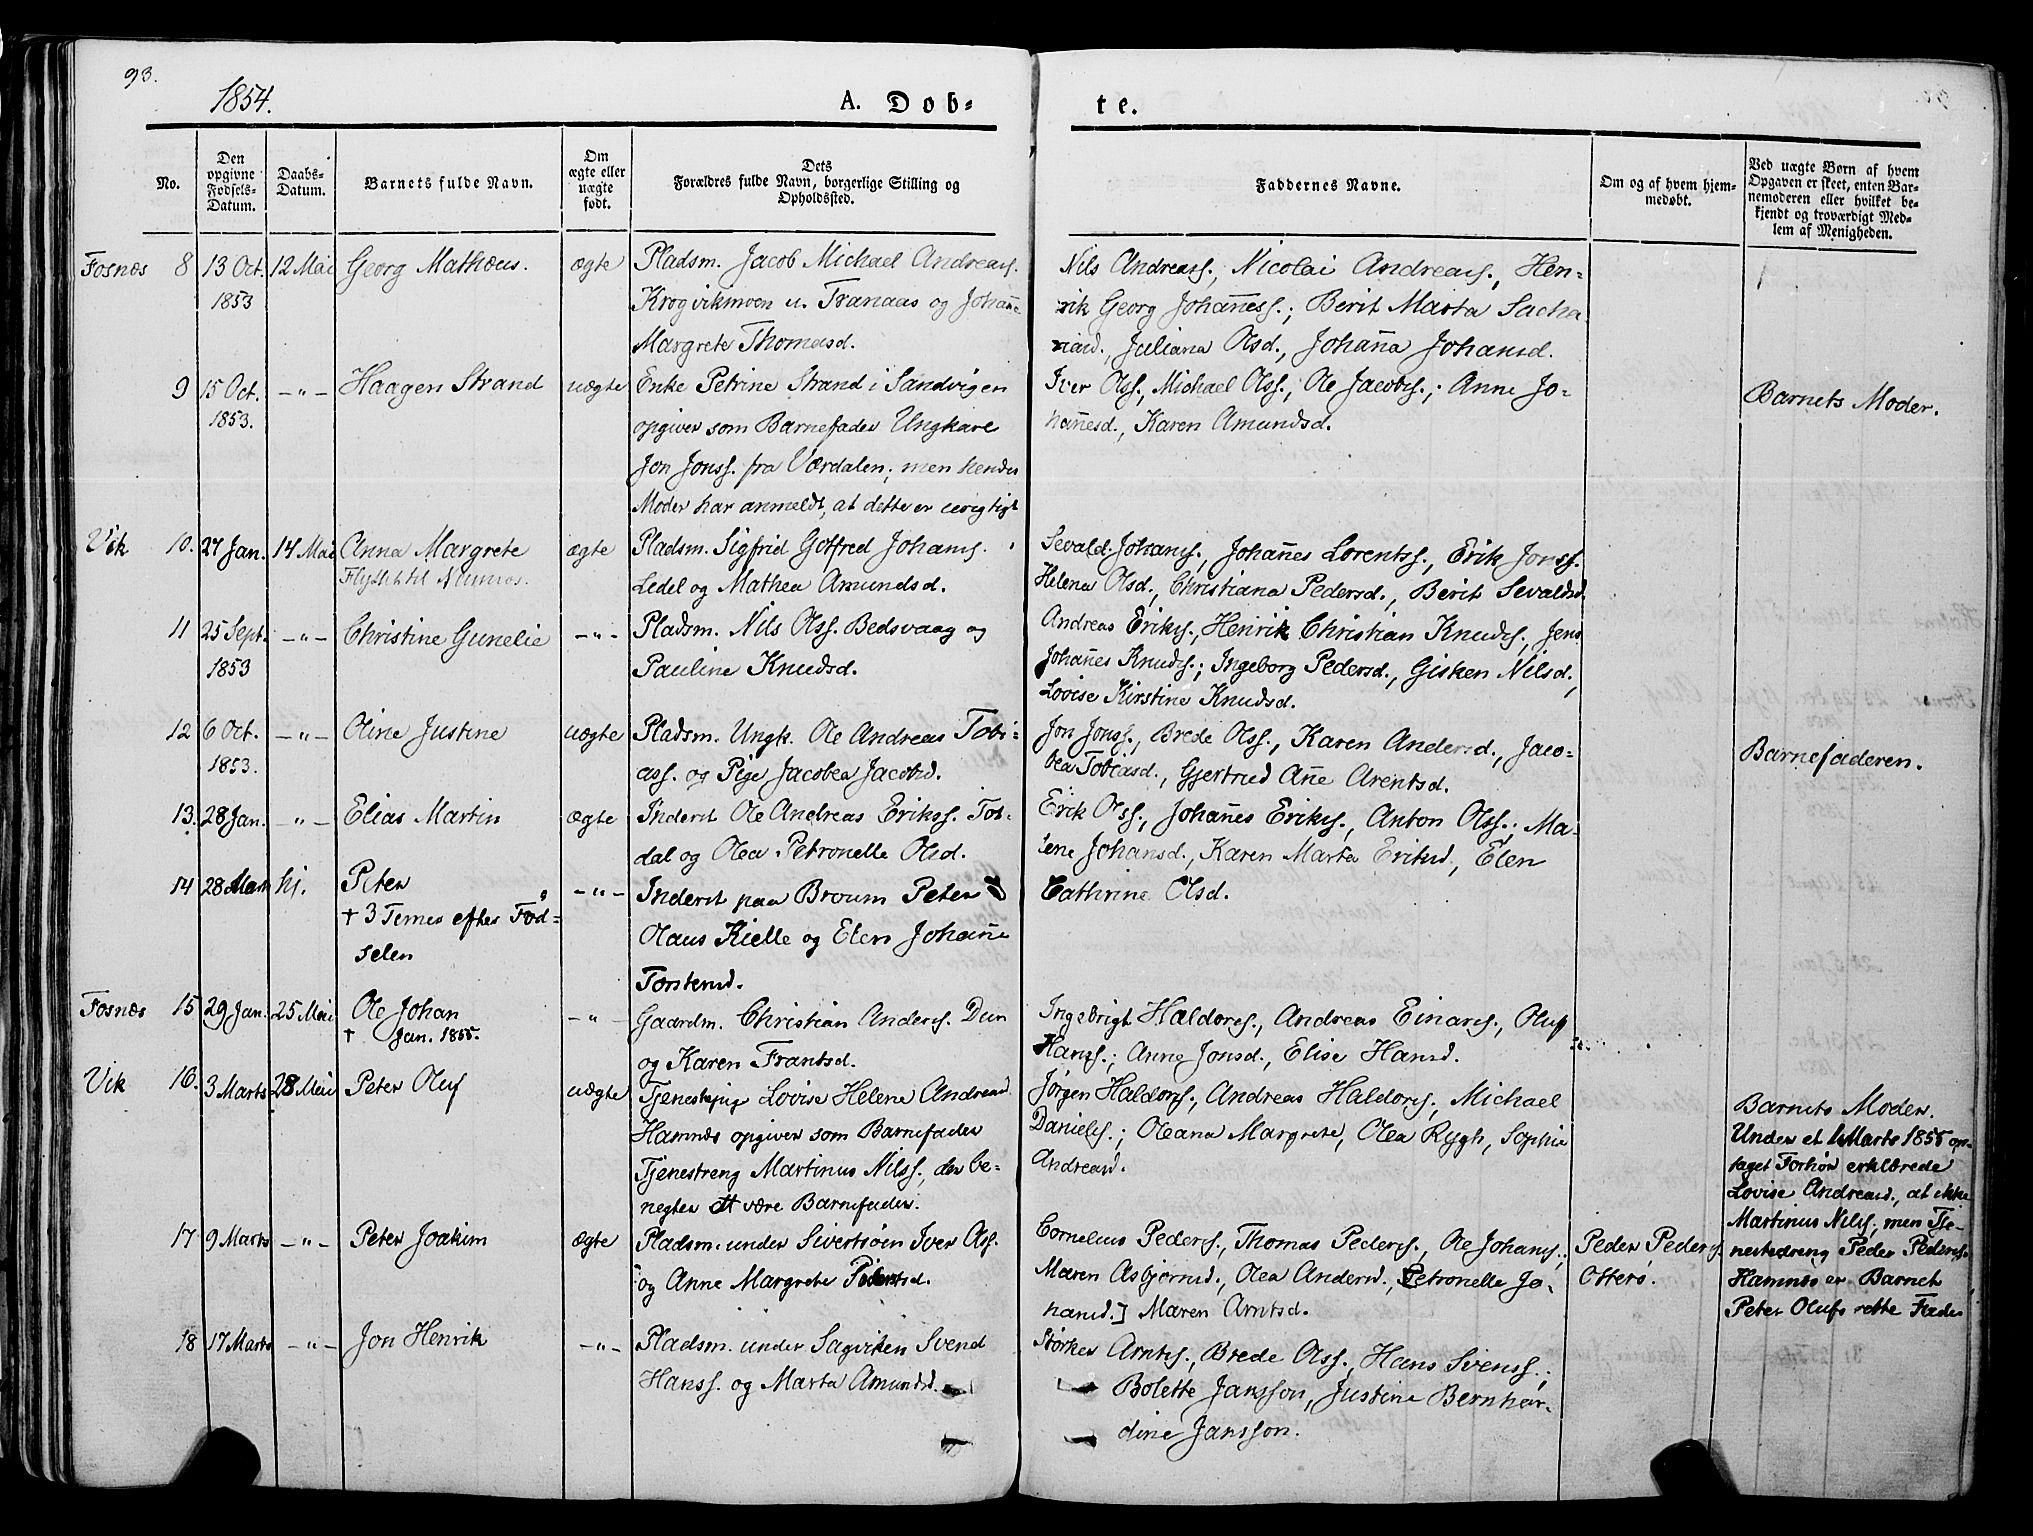 SAT, Ministerialprotokoller, klokkerbøker og fødselsregistre - Nord-Trøndelag, 773/L0614: Ministerialbok nr. 773A05, 1831-1856, s. 93